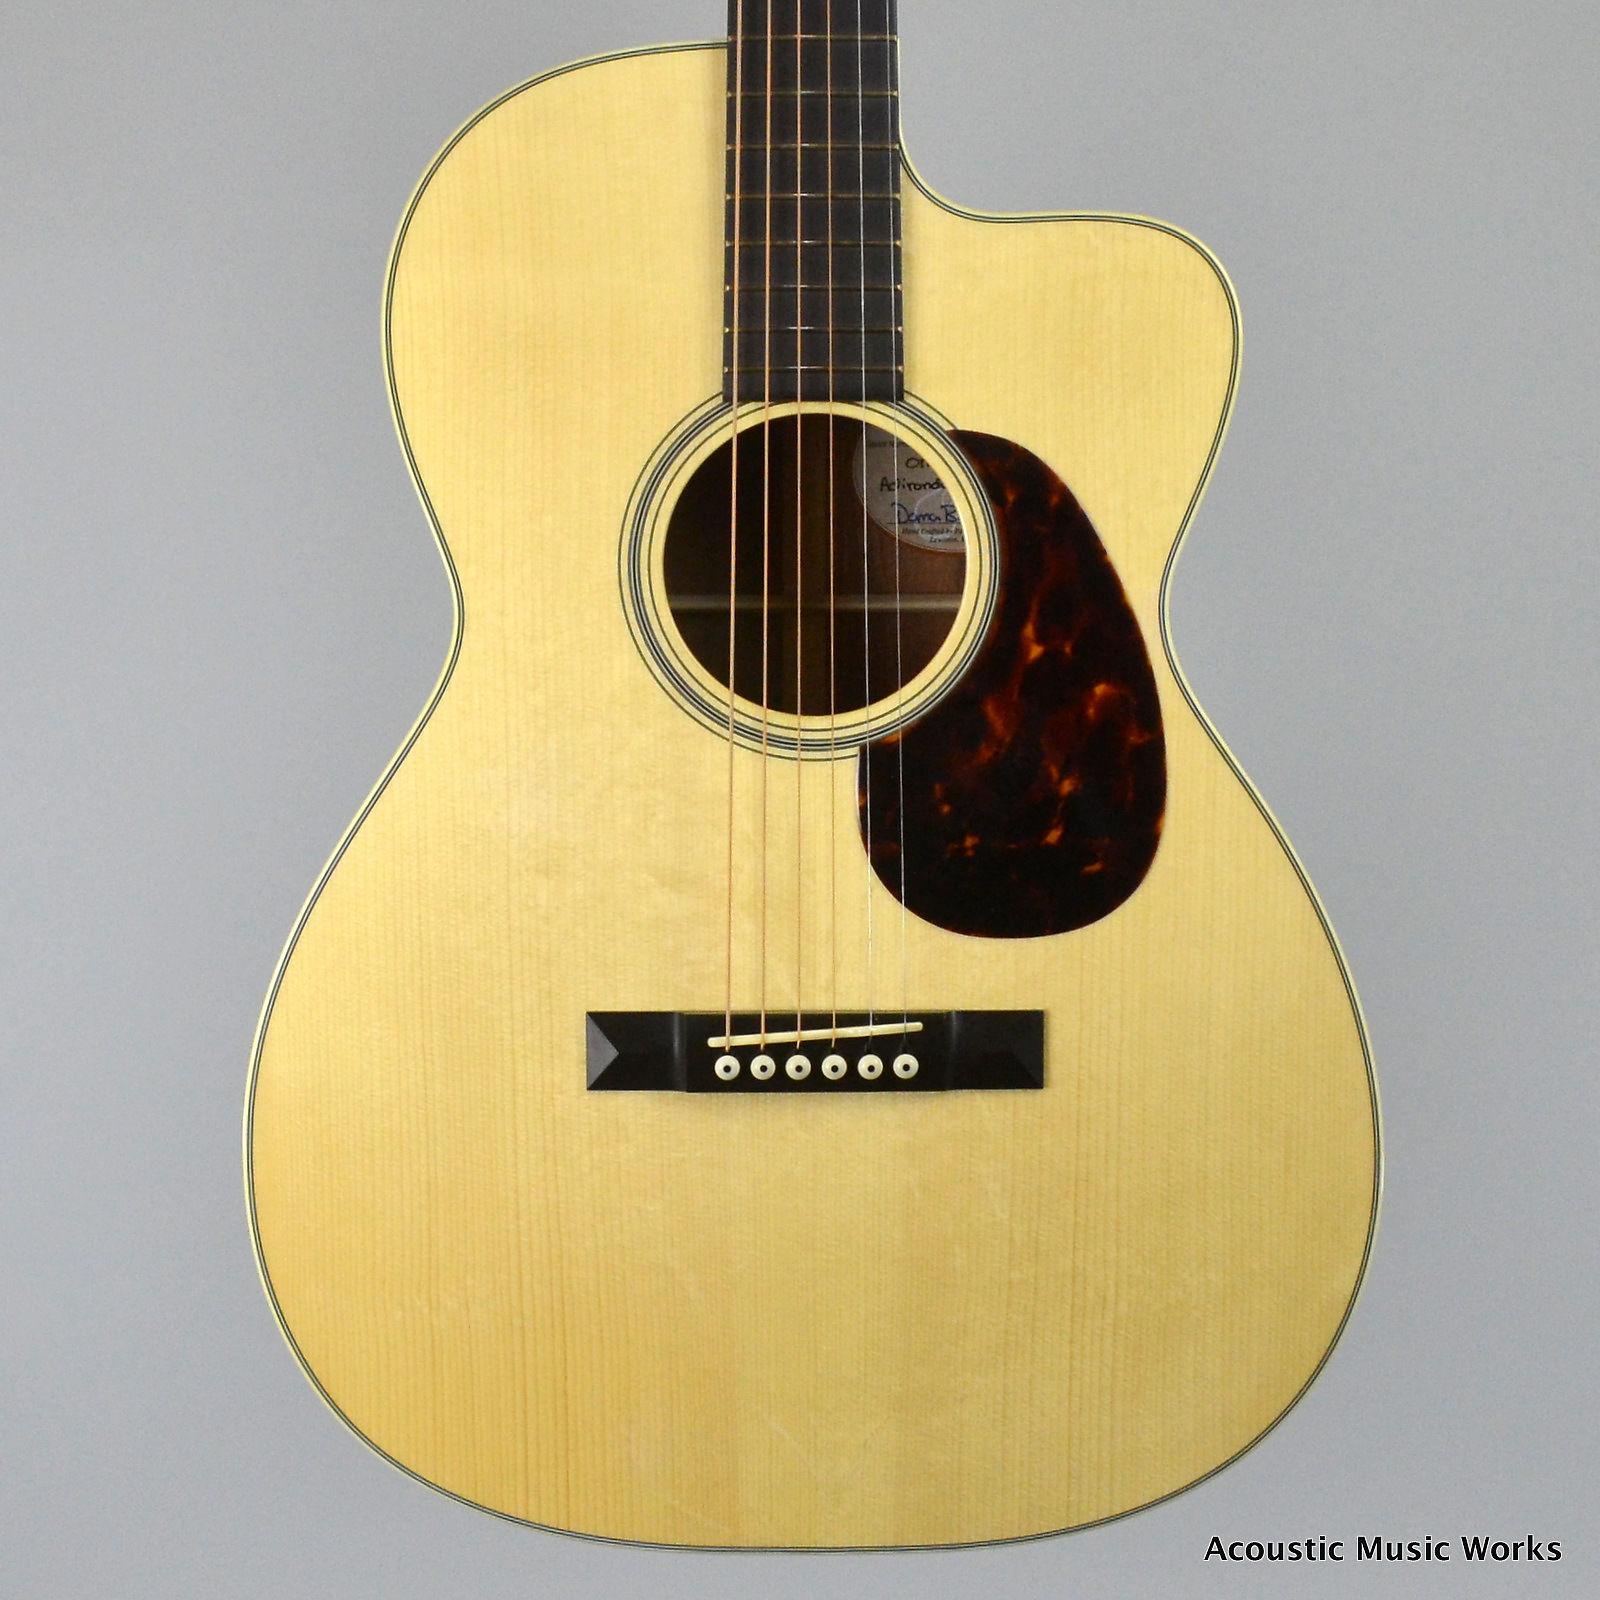 Bourgeois OMS, 12-Fret 000 Size, Cutaway, Adirondack Spruce, Koa